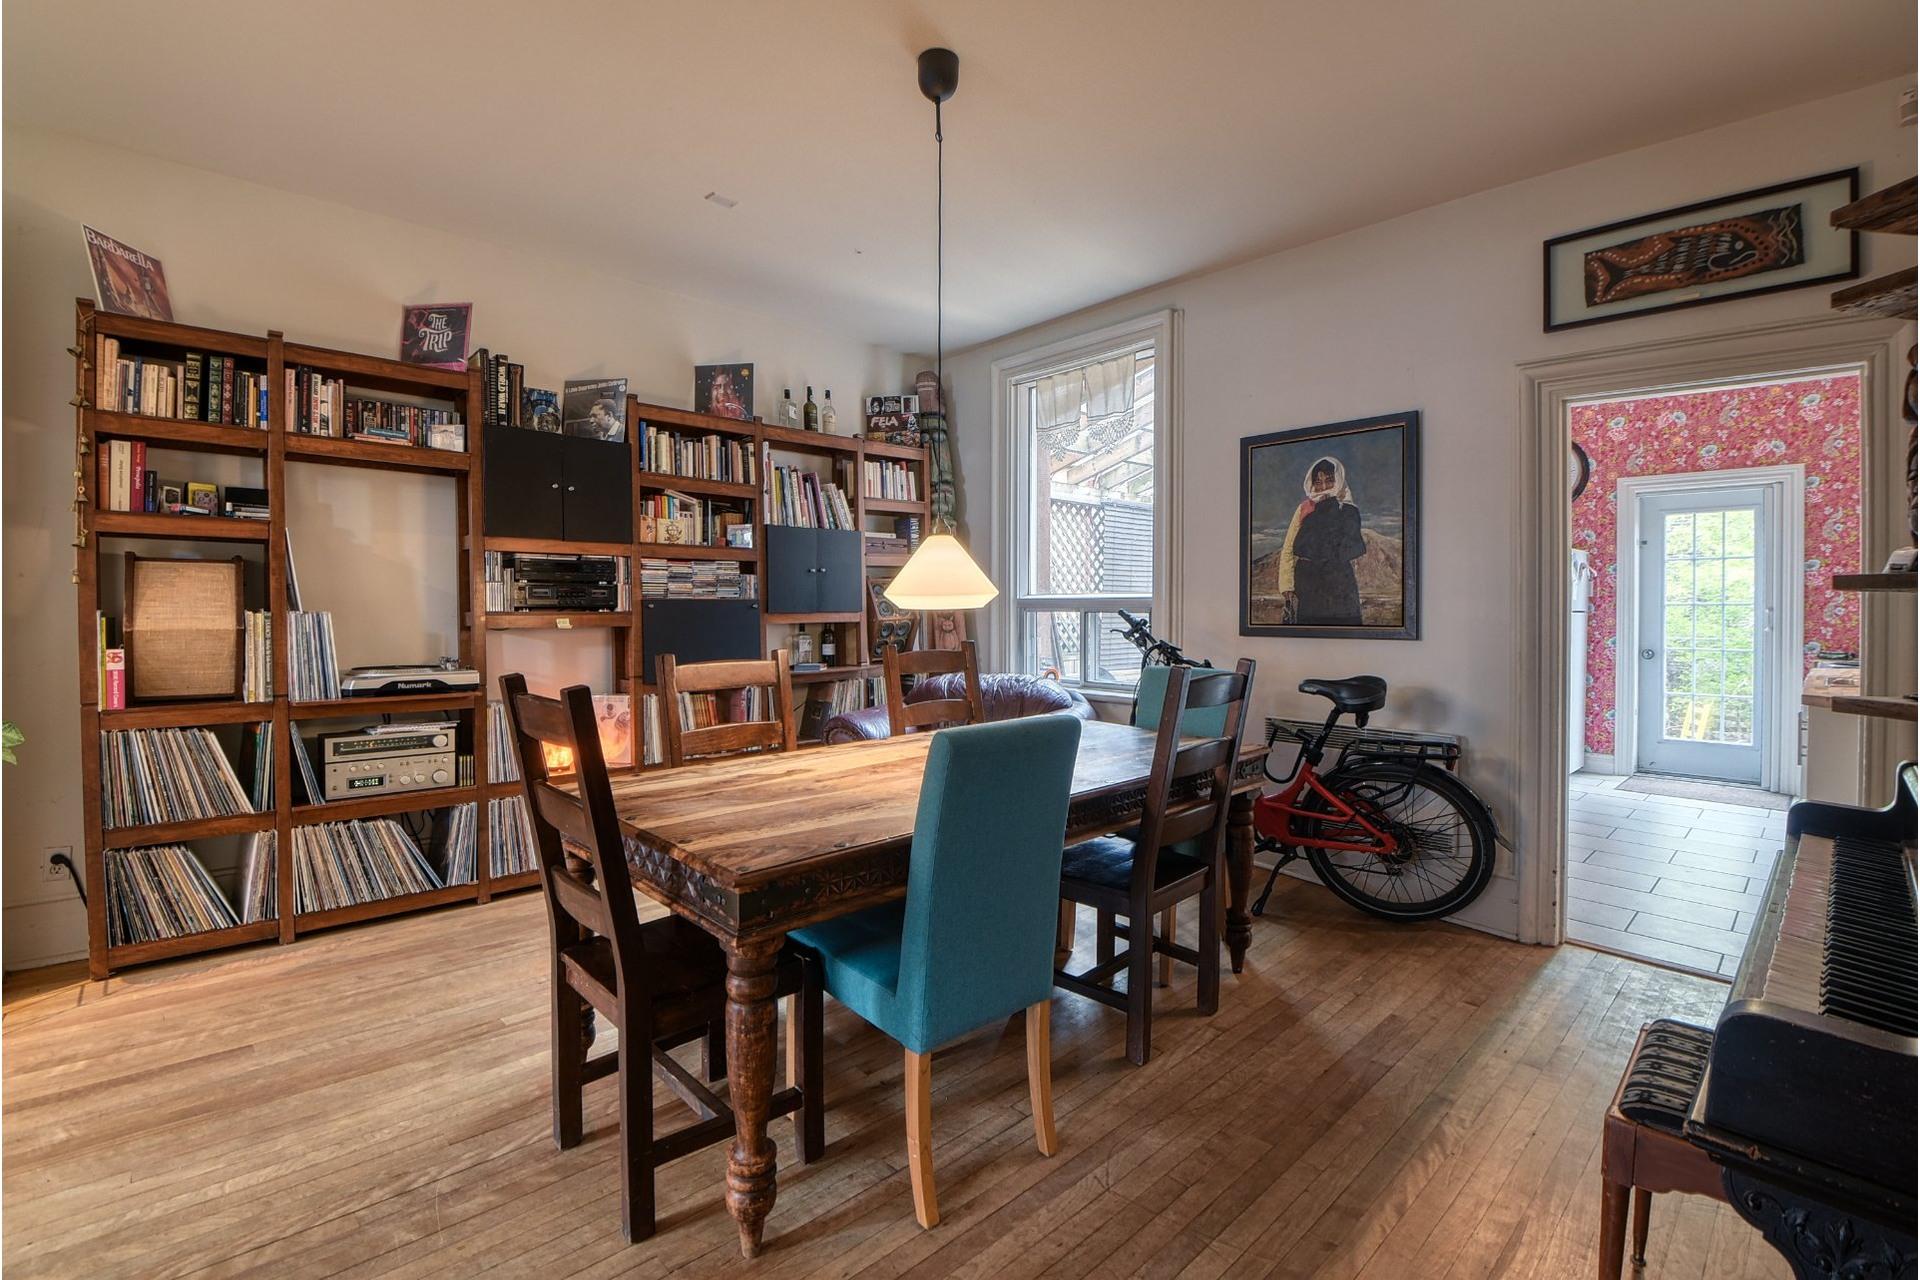 image 7 - Maison À vendre Le Sud-Ouest Montréal  - 6 pièces